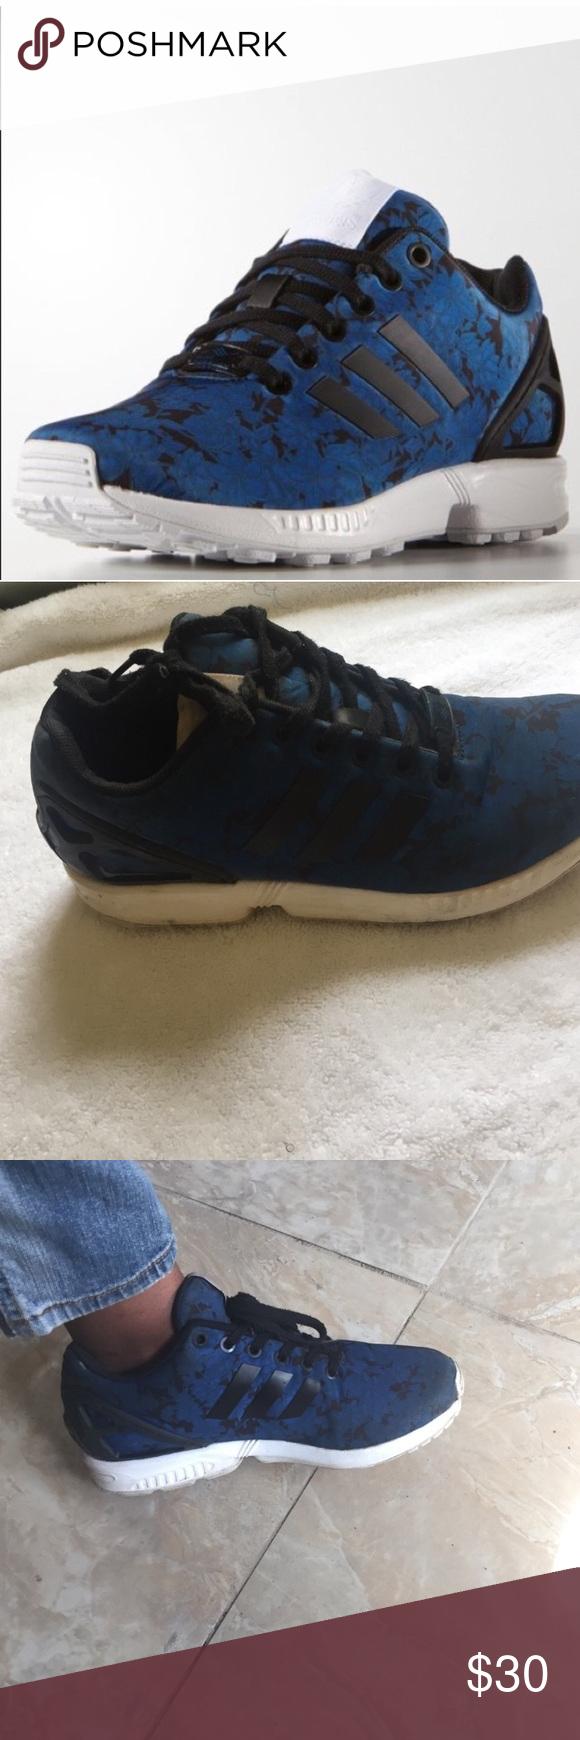 Adidas flux blue floral print Adidas blue floral print flux women's US size 8 Shoes Sneakers